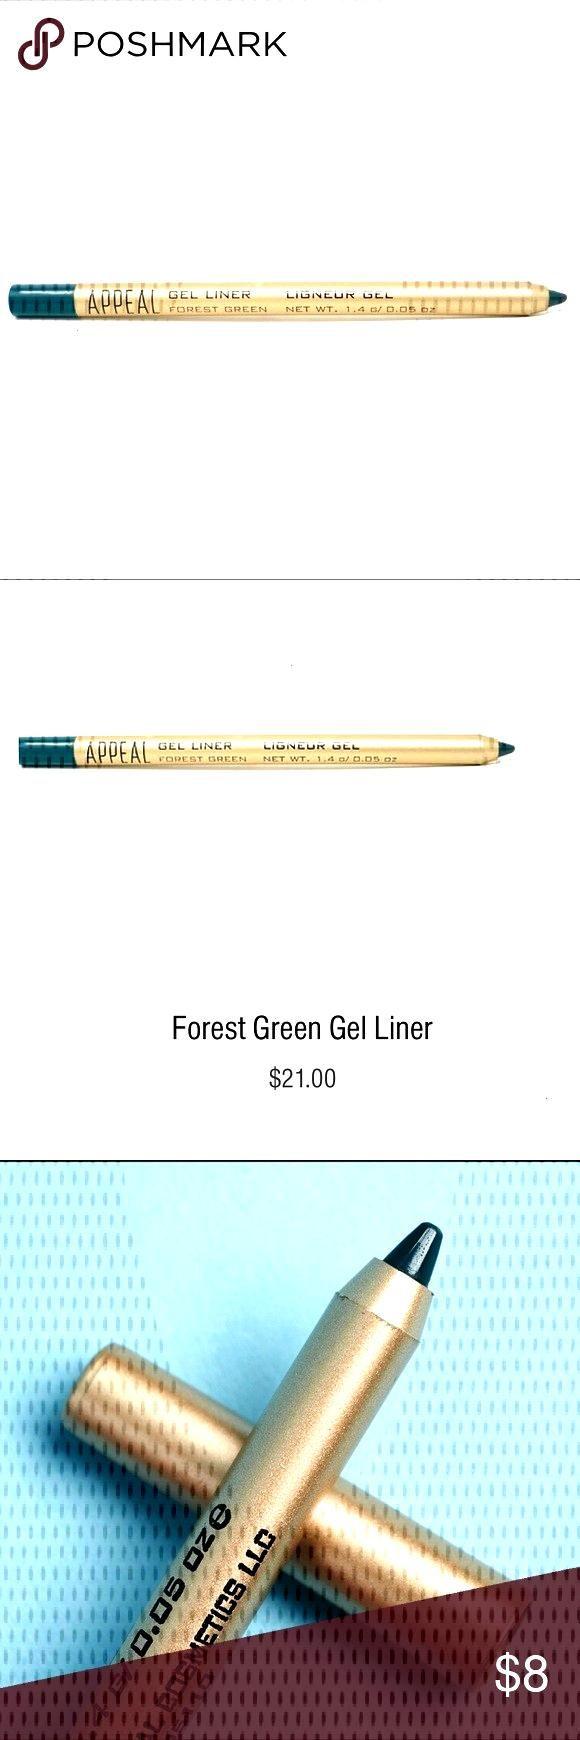 Gel Liner in Forest Green BN sealed. Appeal Gel Liner in Forest Green. Appeal Makeup EyelinerAppeal